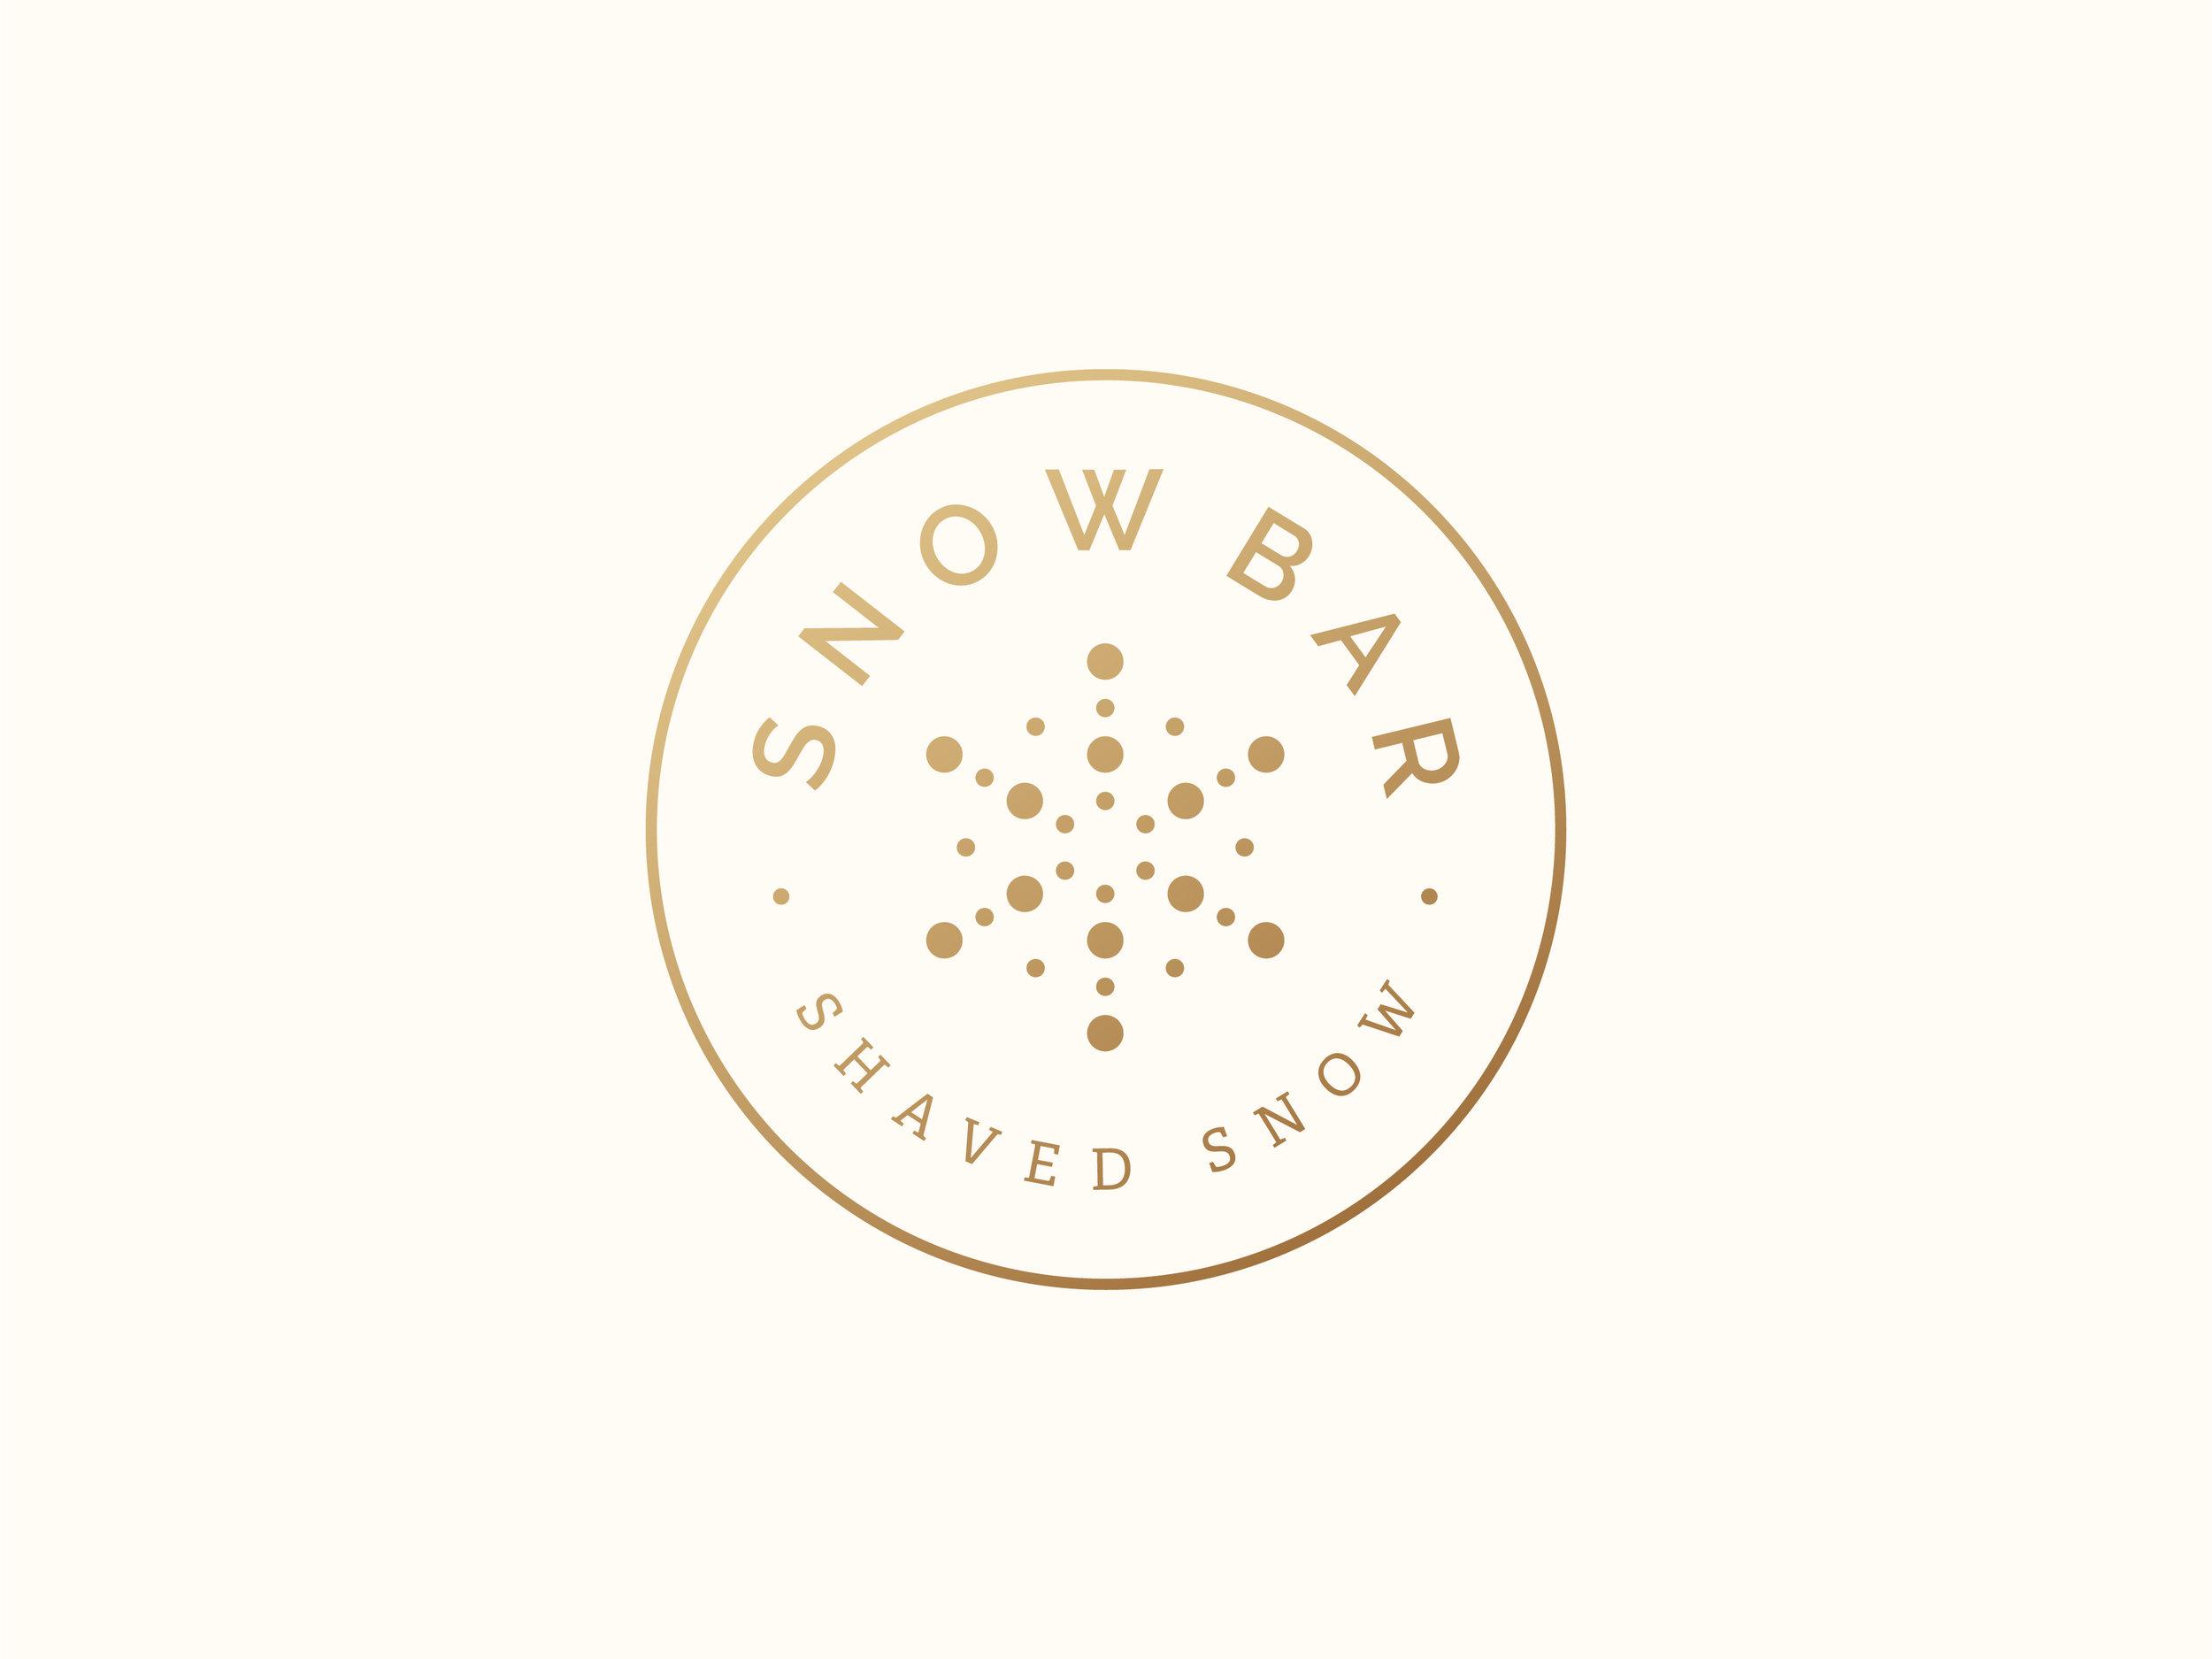 AmyNortman-SnowBar-05